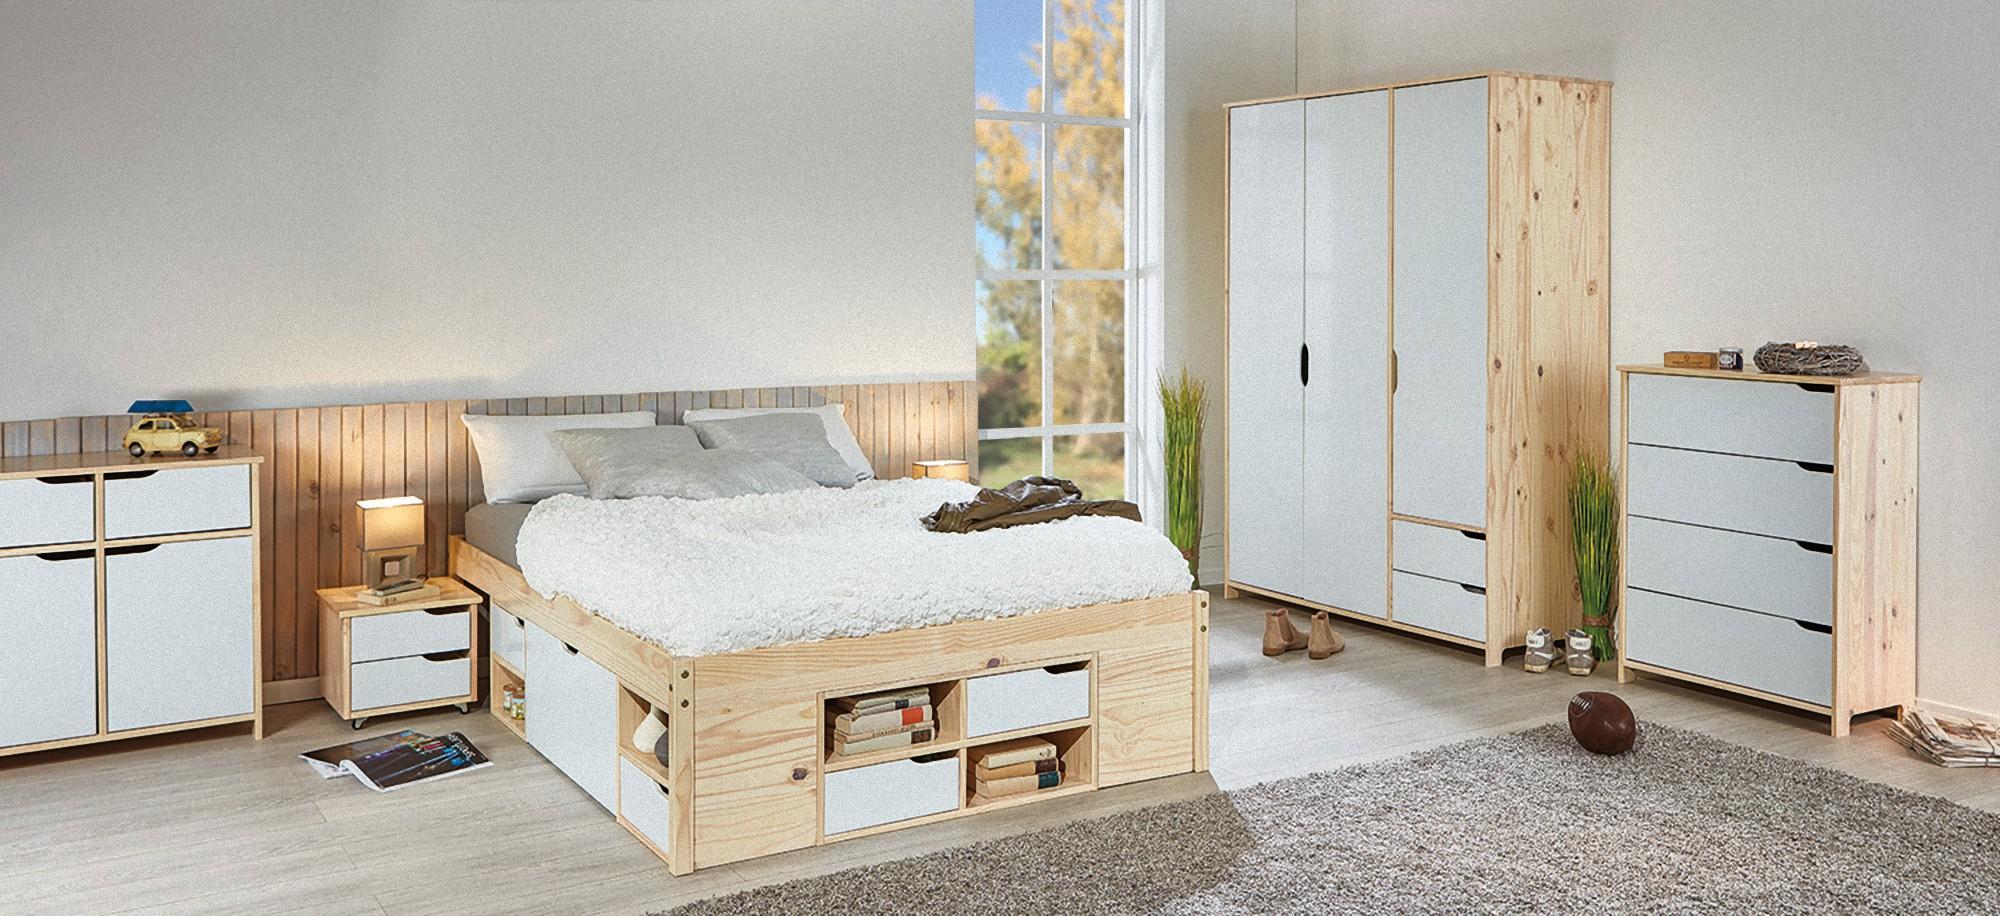 Schlafzimmer Highboard Weiß